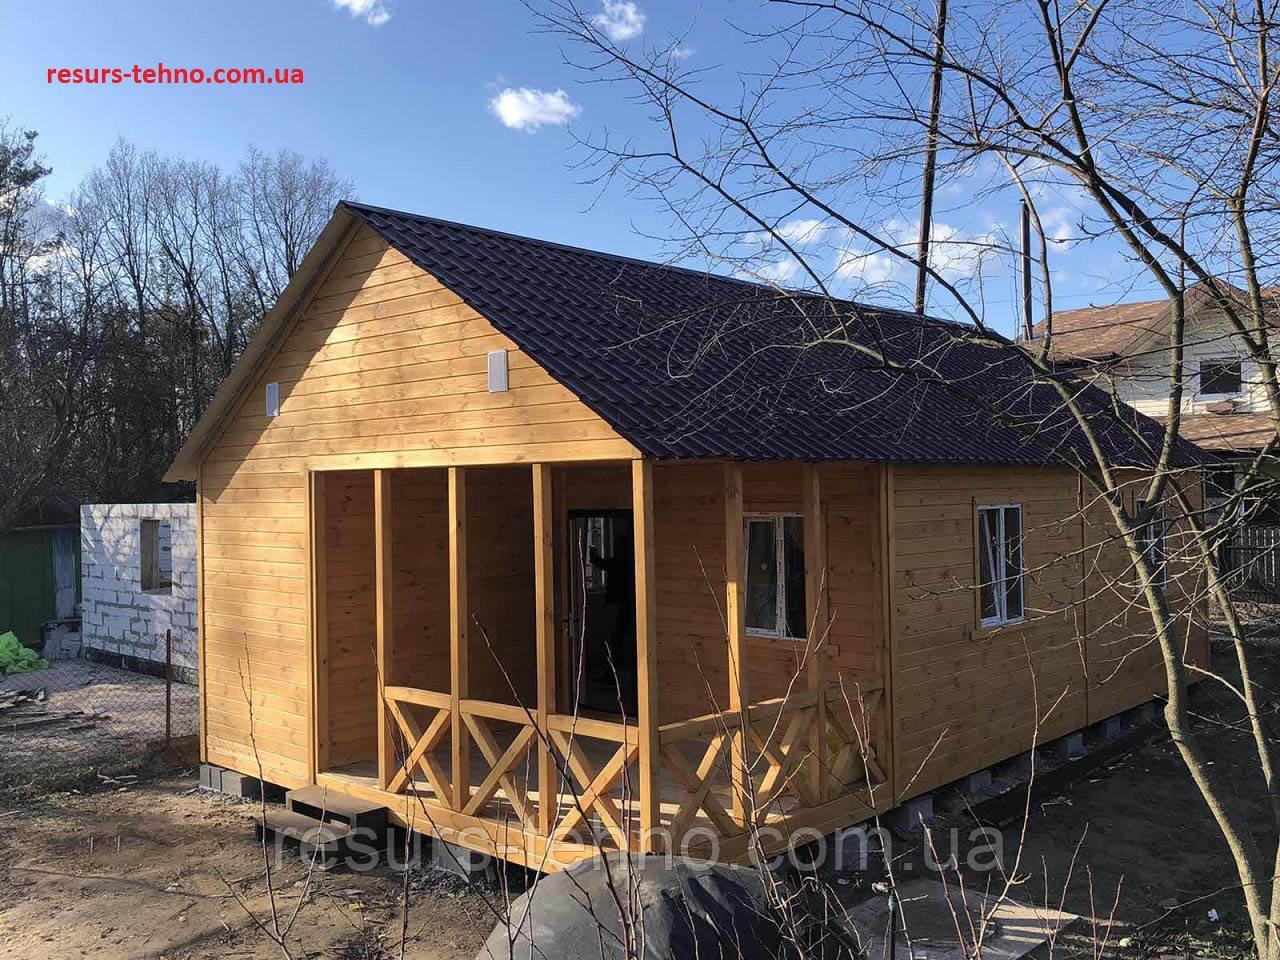 Дачний будиночок дерев'яний збірний 11,0 м х 6,0 м з террассой